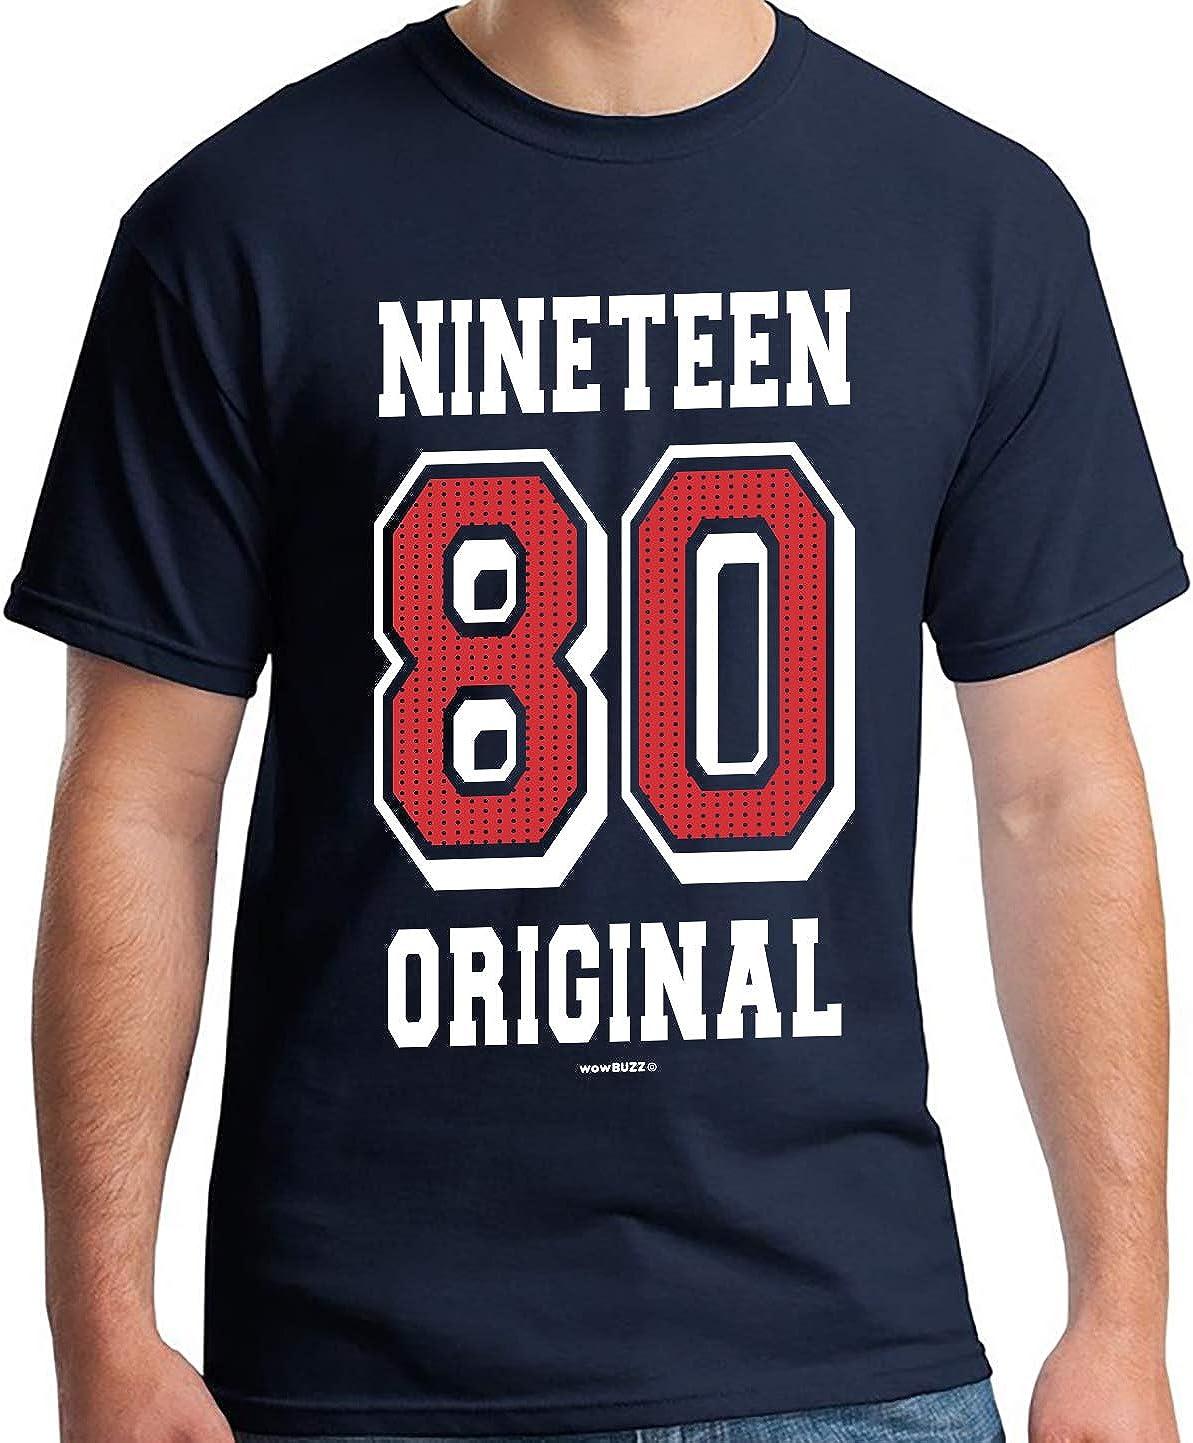 40th Birthday Gifts 40 cumpleaños Hombre Original Camiseta: Amazon.es: Ropa y accesorios